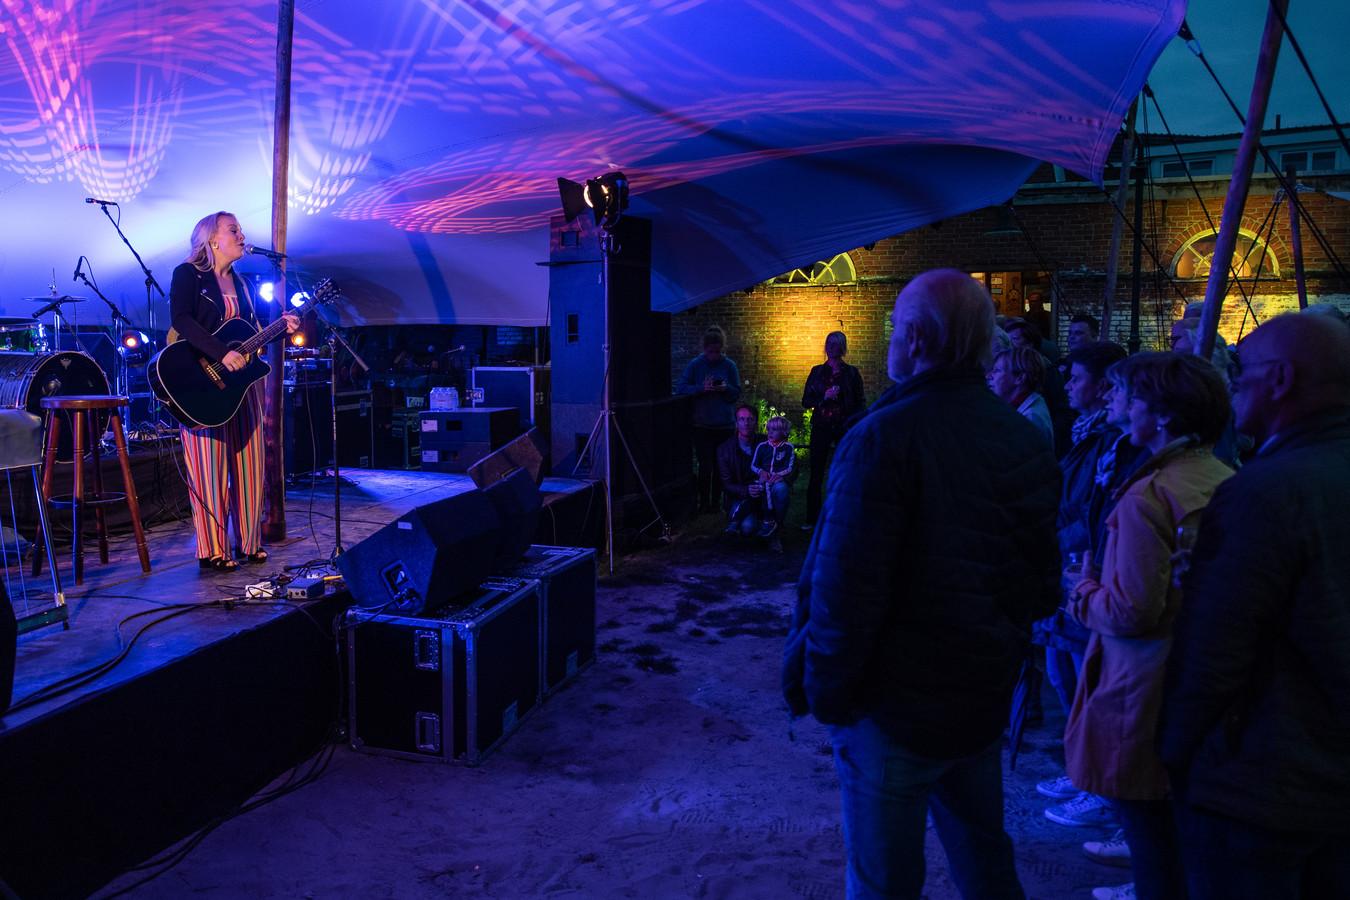 Oldenzaal Muzikaal 2019  in de Bombazijntuin, optreden van Renee Scheepers.